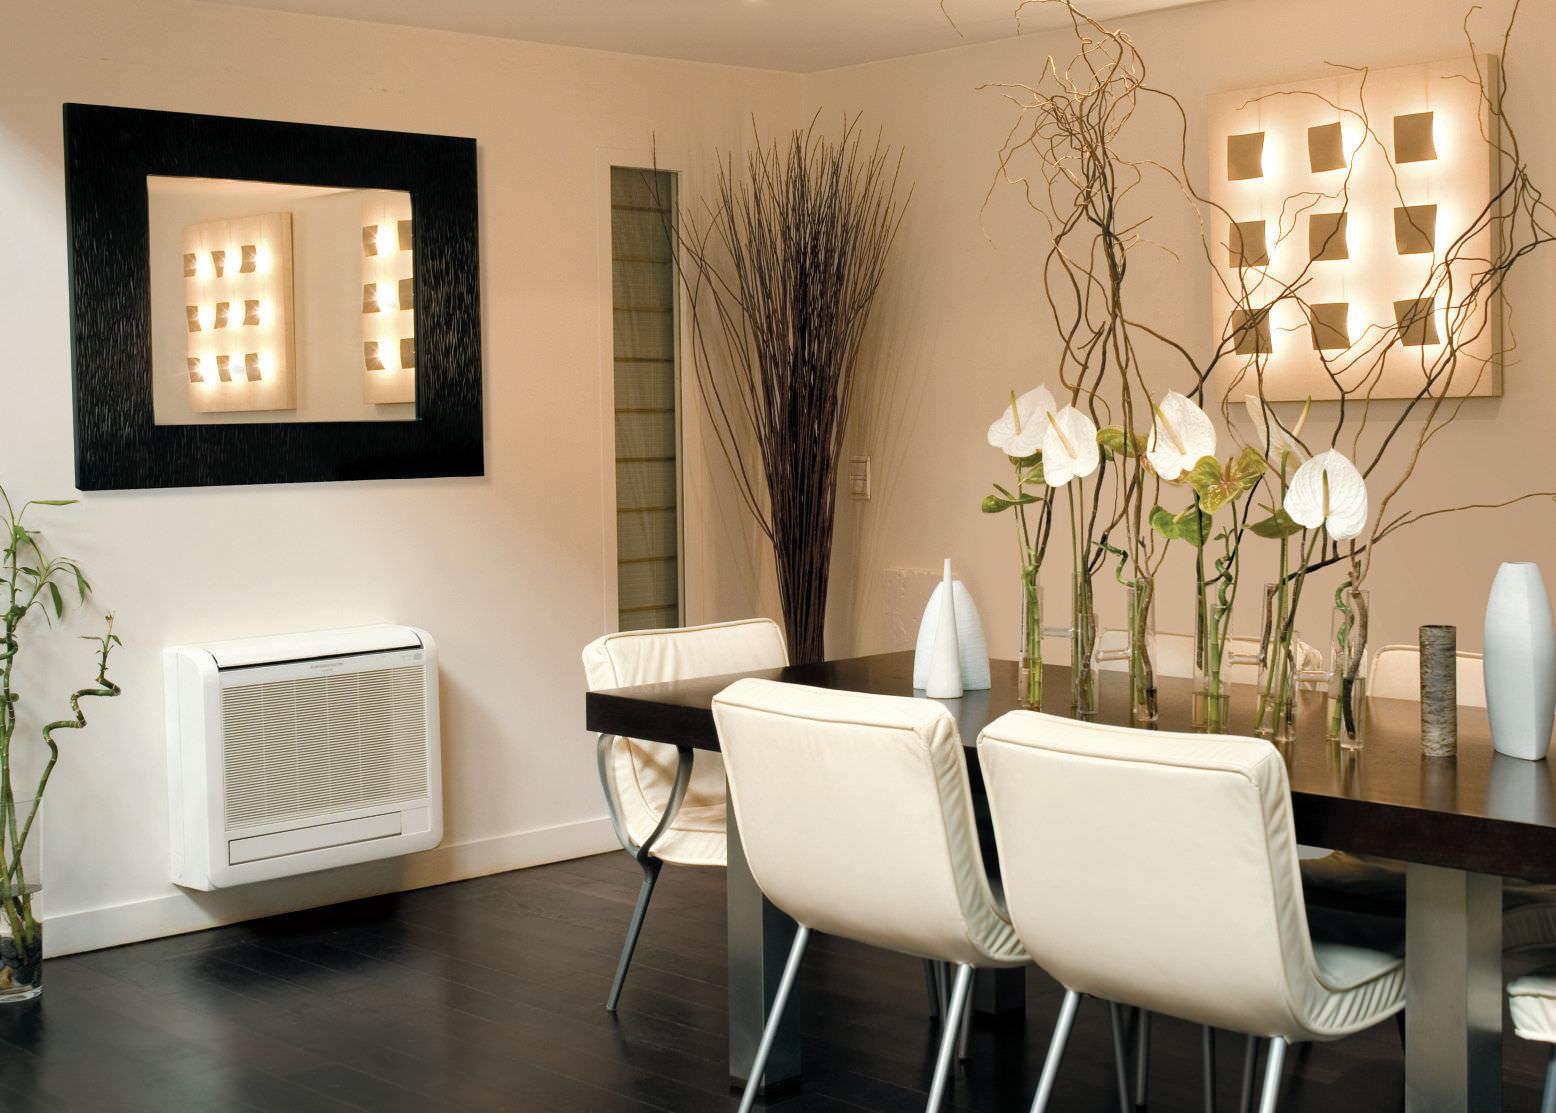 Condizionamento estetica e risparmio energetico